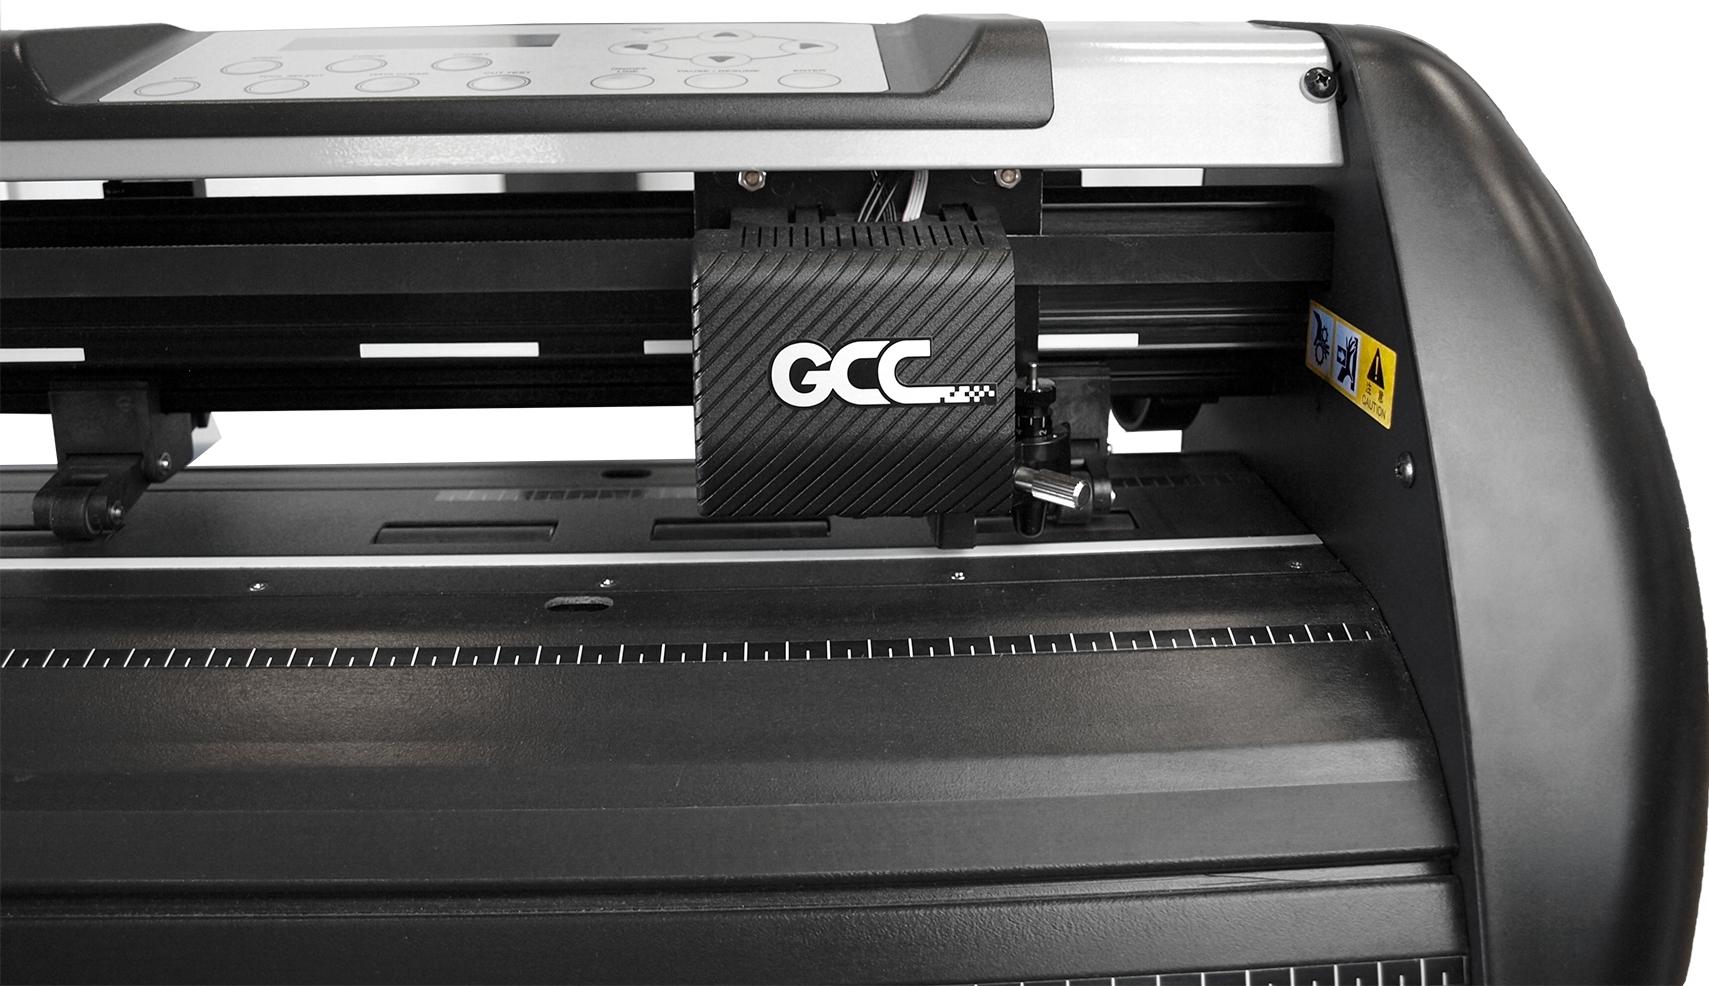 GCC SignPal Jaguar IV 61S. Корректировка положения прижимных роликов